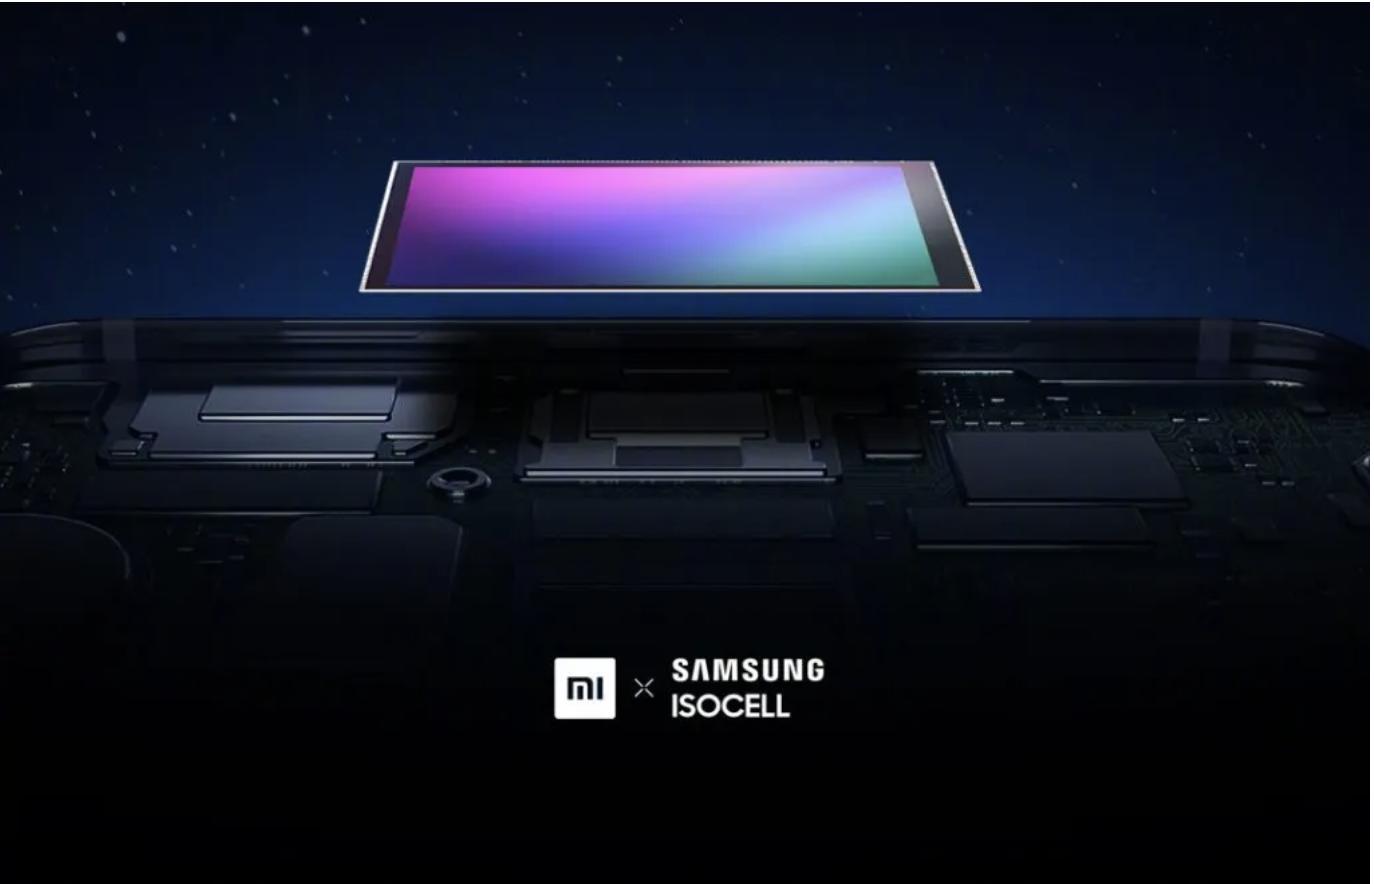 Samsung 150 MegaPixel NanoCell Camera Sensor